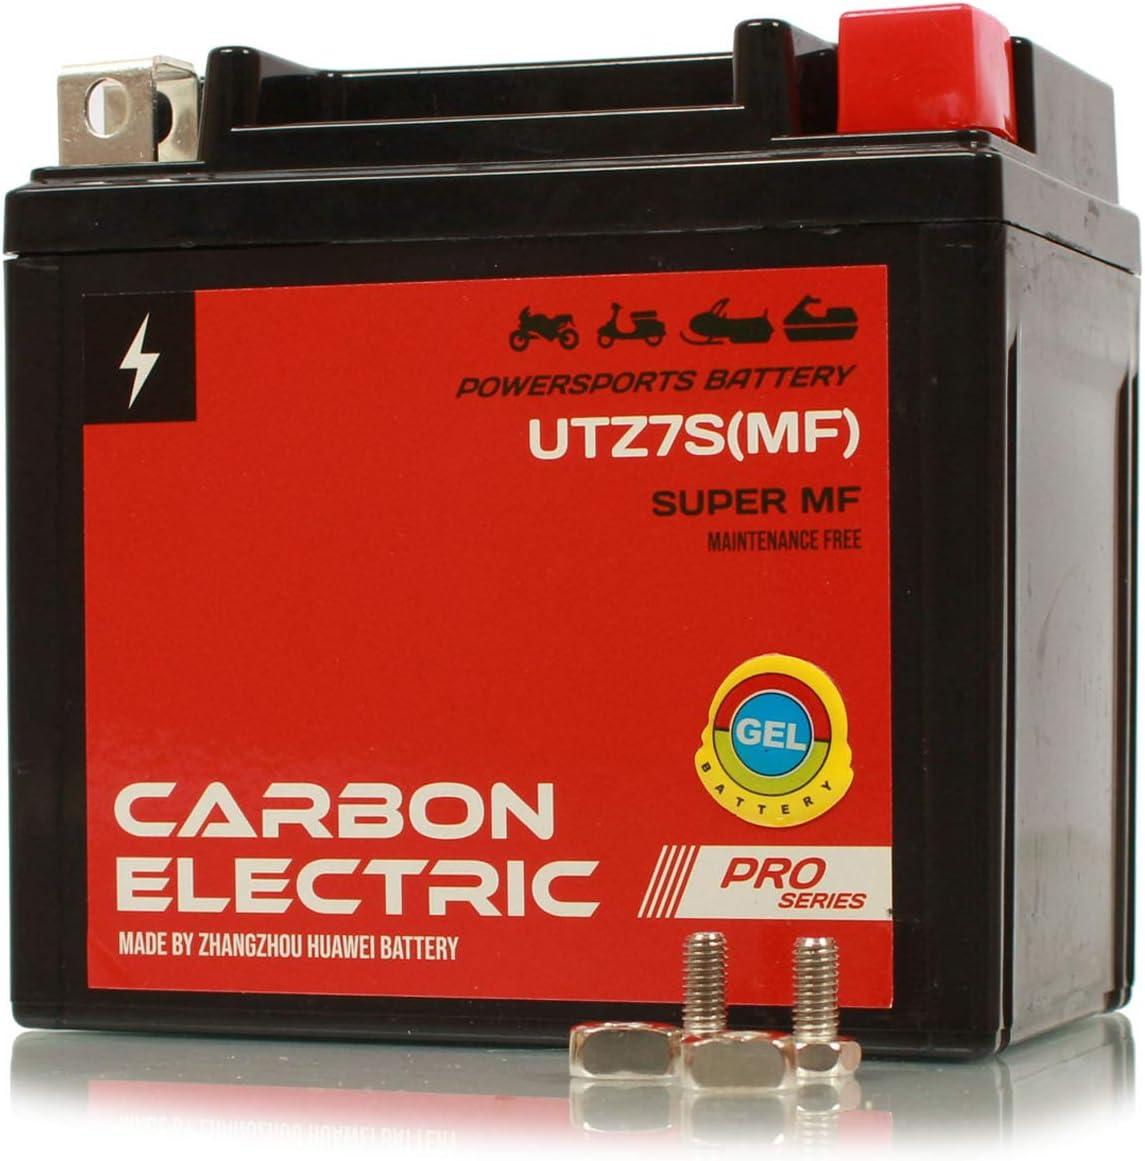 Carbon Electric Gel Batterie Ytz7s Gelbatterie 12v 6ah Wartungsfrei Versiegelt Akkumulator Motorrad Roller Motorradbatterie Rollerbatterie Utz7s Auto